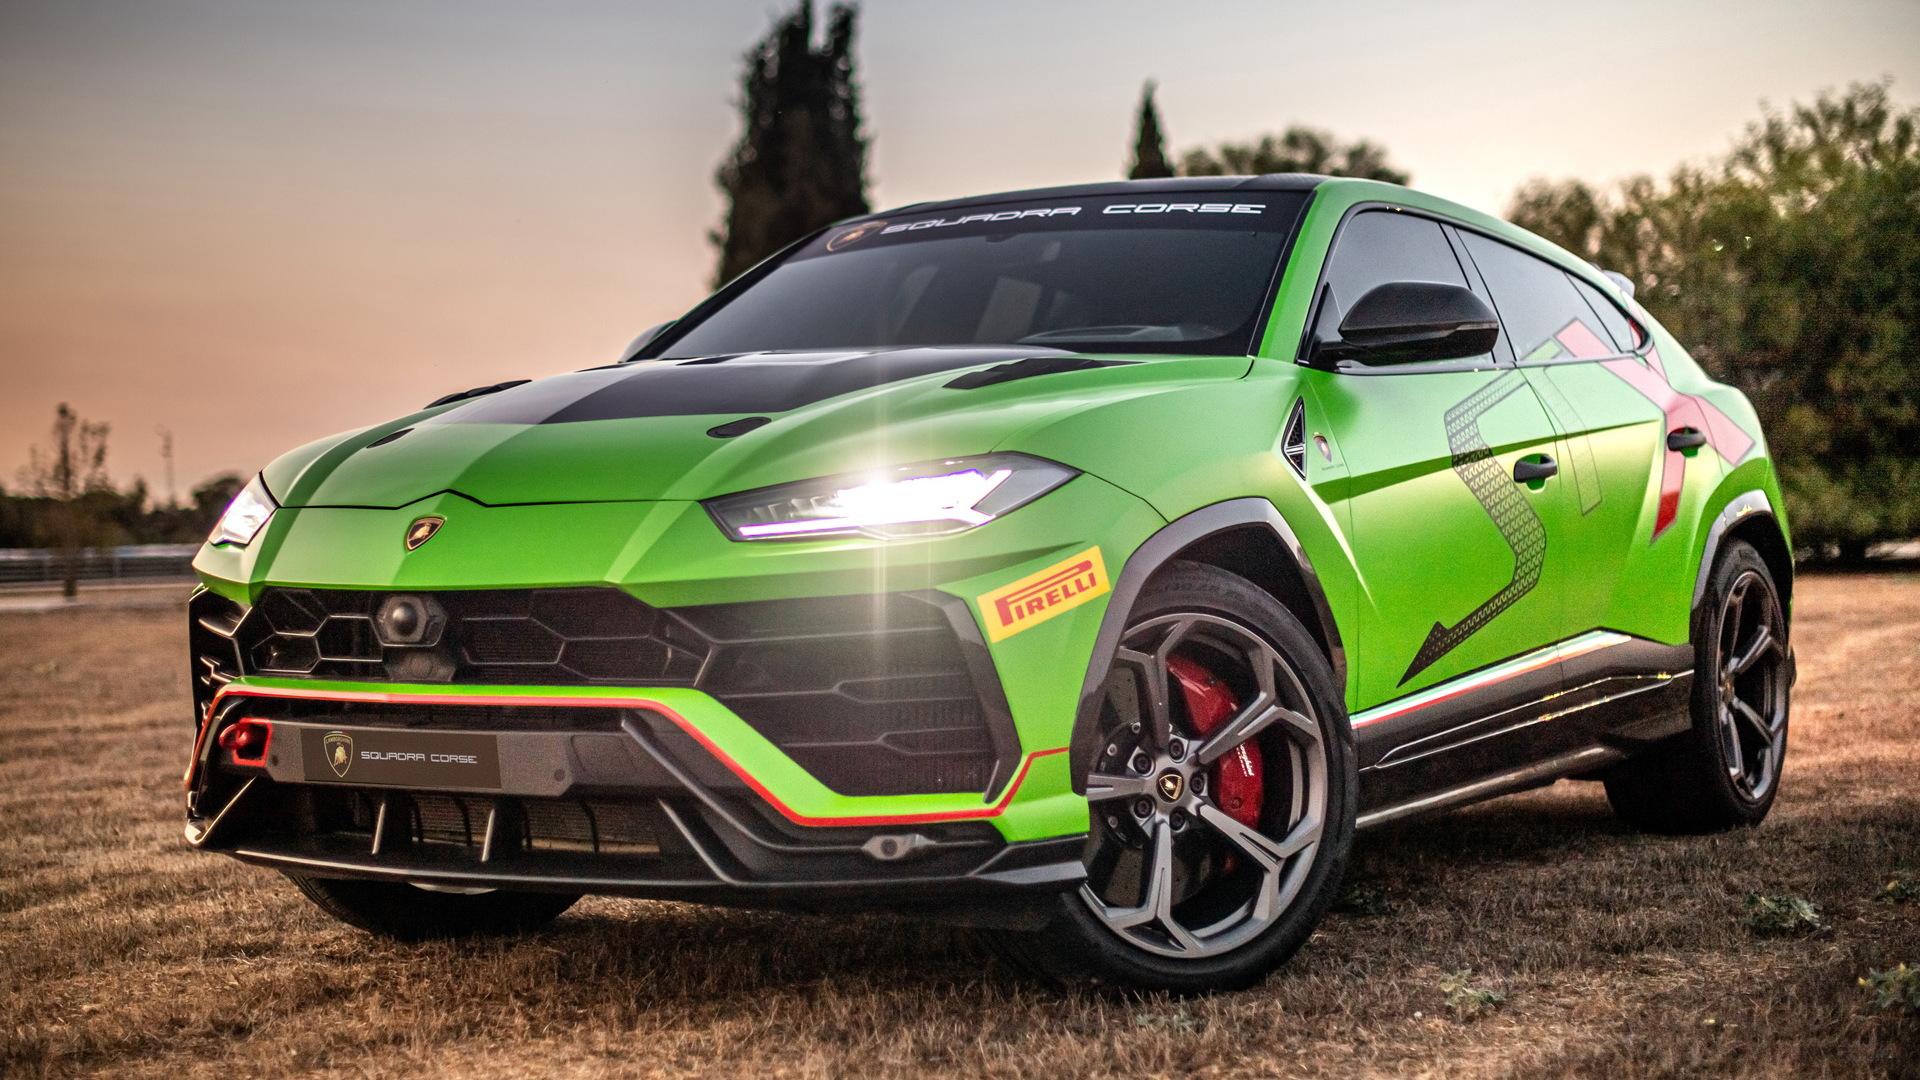 2020 Lamborghini Urus ST-X race car